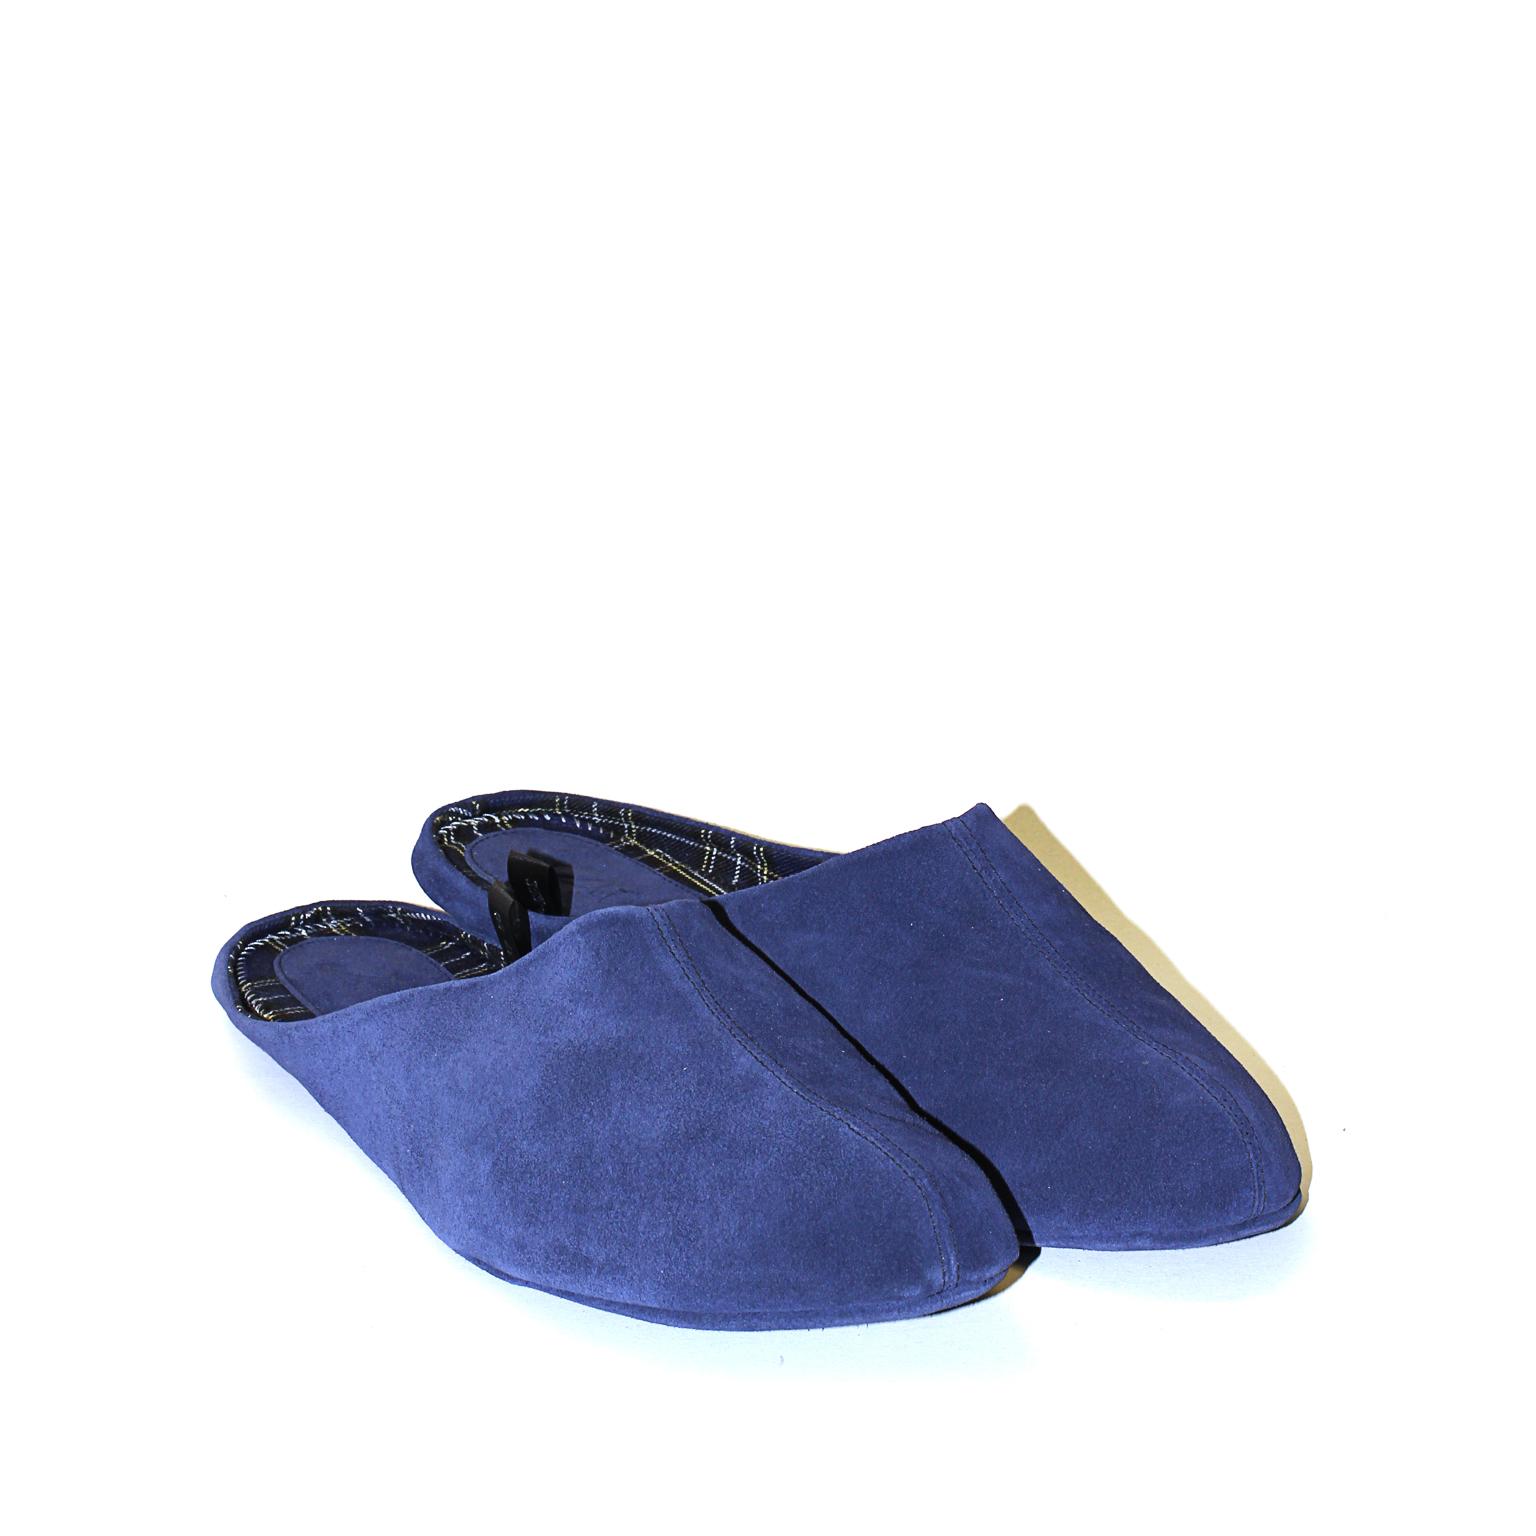 777137 туфли домашние мужские синие больших размеров марки Делфино